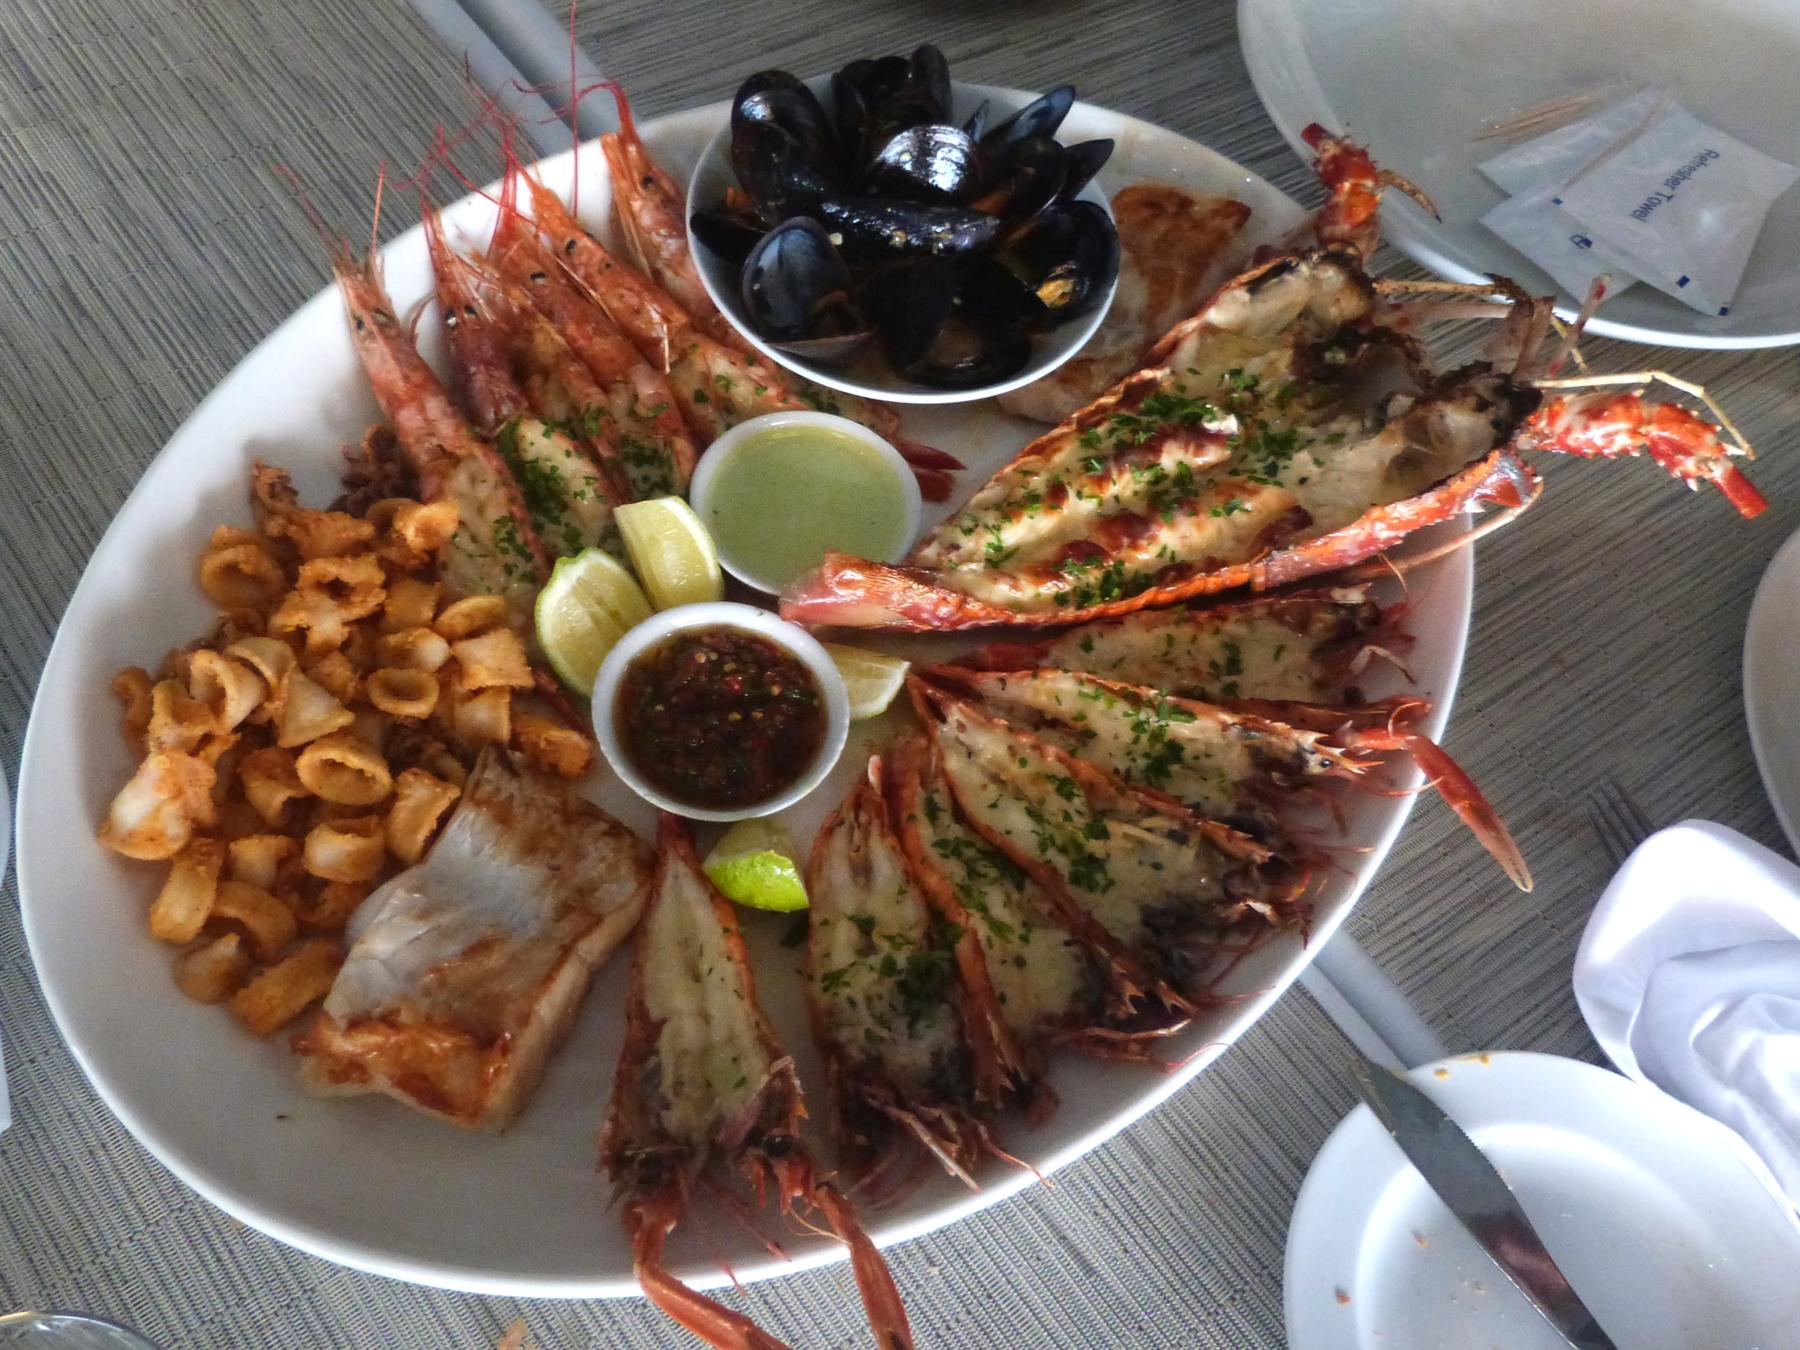 Roteiro-Cidade-do-Cabo-4-a-7-dias-restaurante-two-oceans-2 Roteiro Cidade do Cabo 4 a 7 dias (Sensacional)!